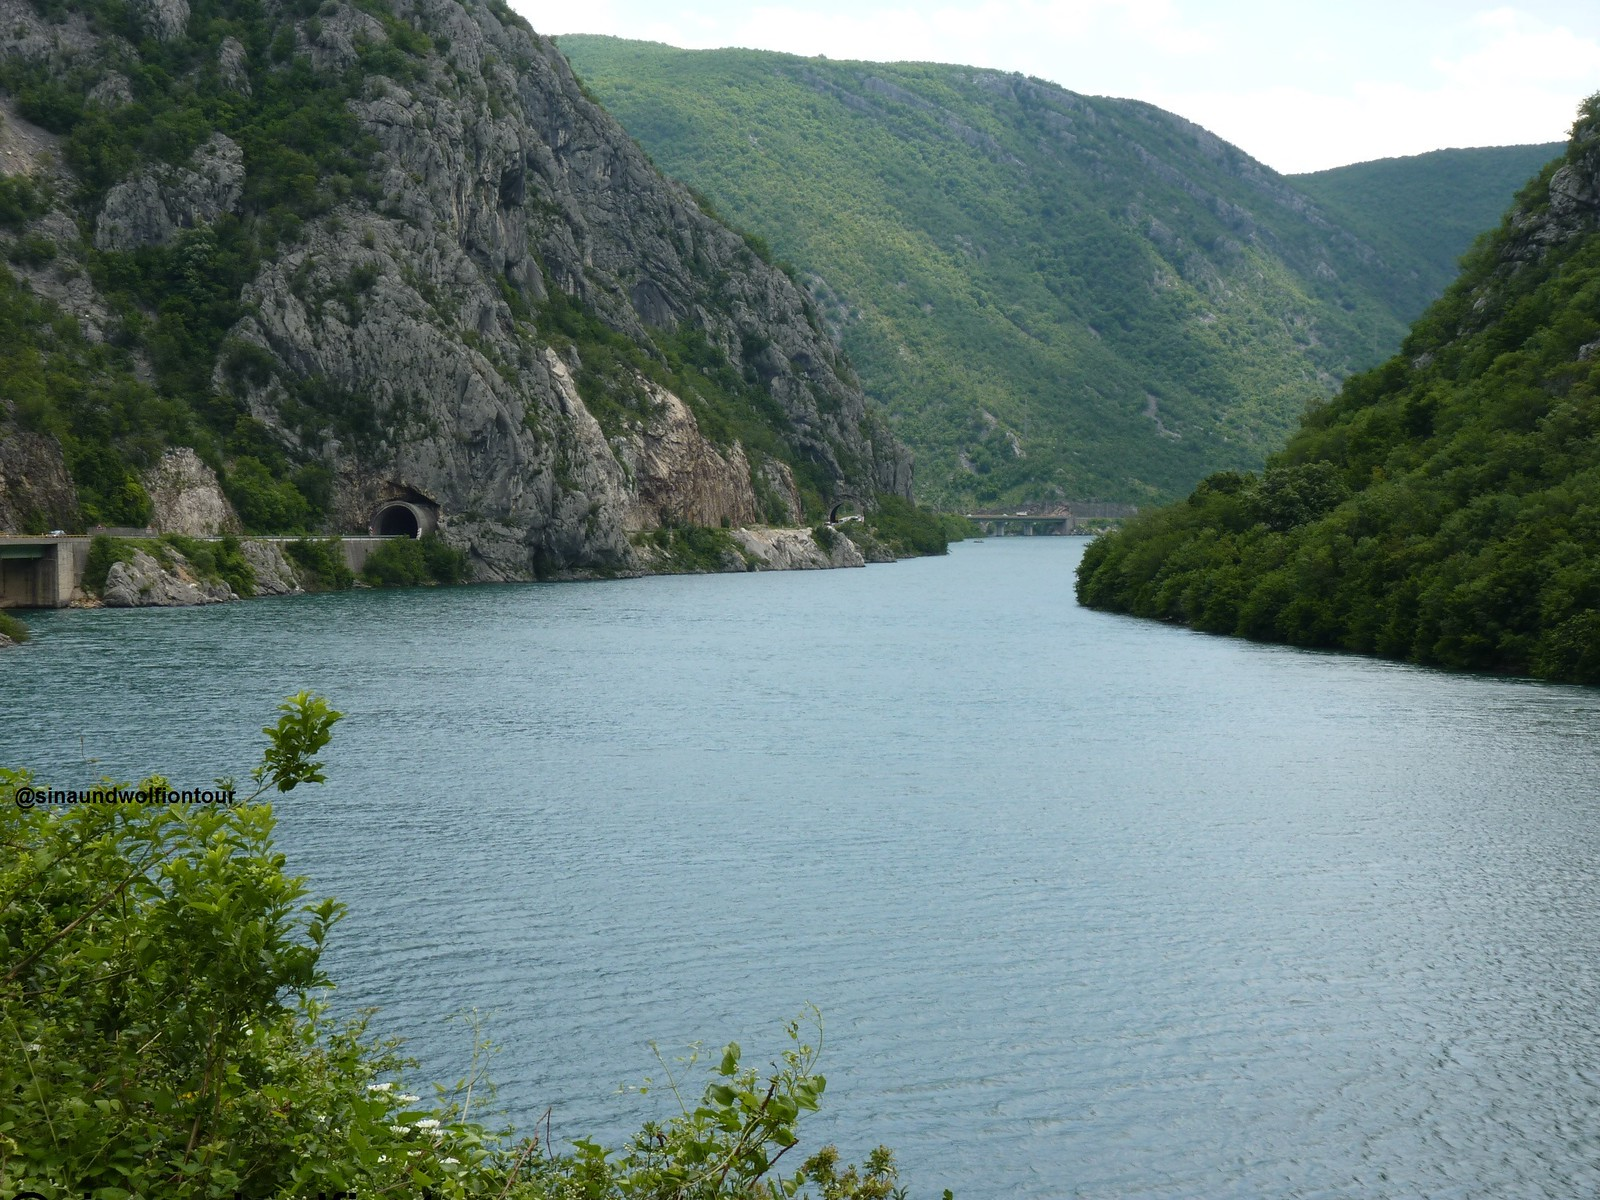 Auf dem Weg nach Mostar